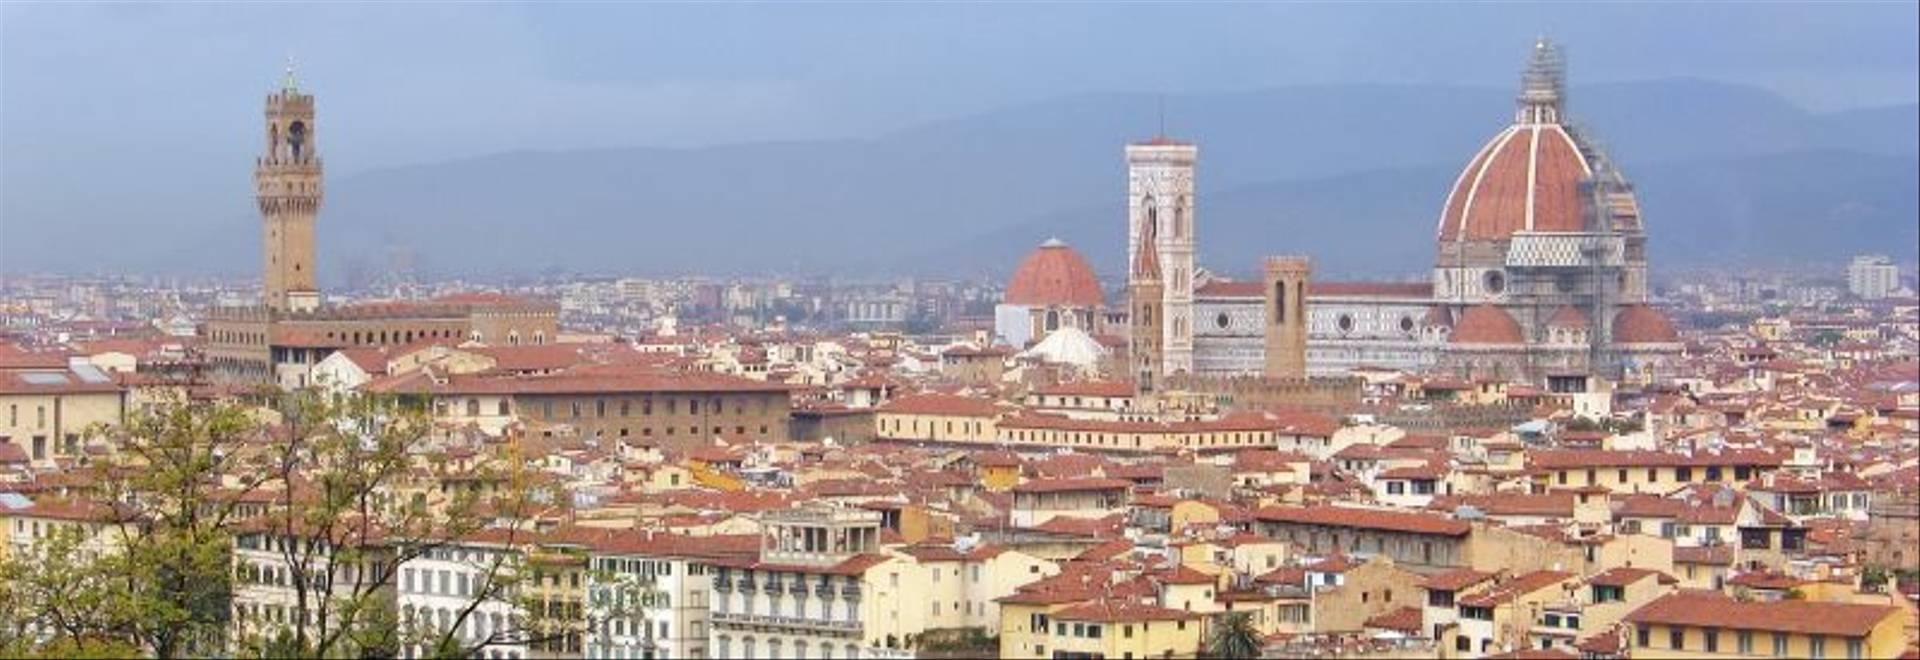 Tresures Of Tuscany   Florence